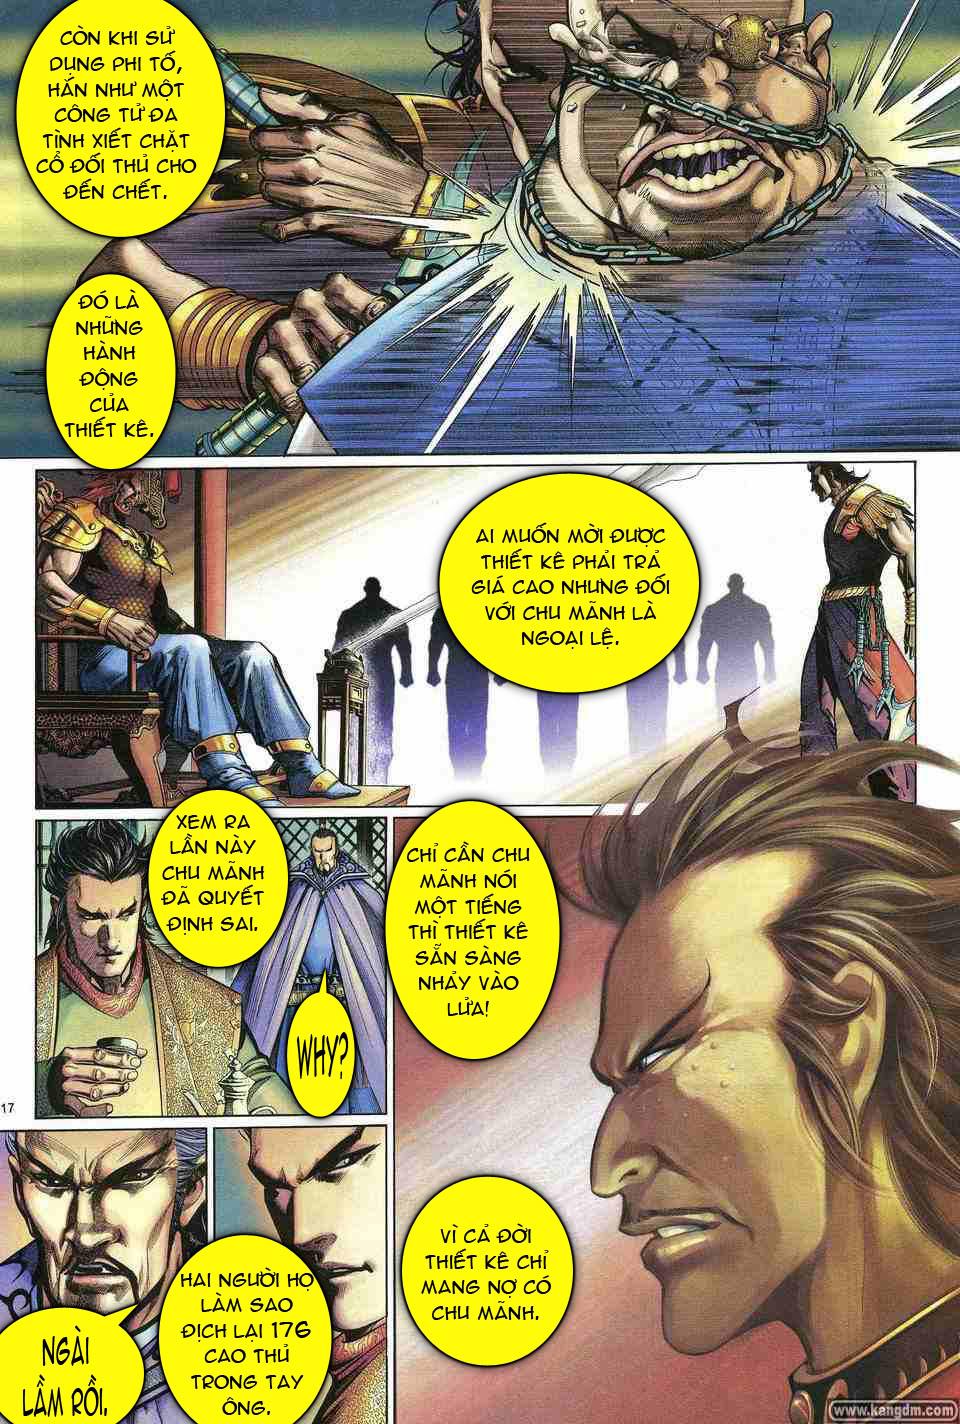 Anh hùng vô lệ chap 1 trang 16